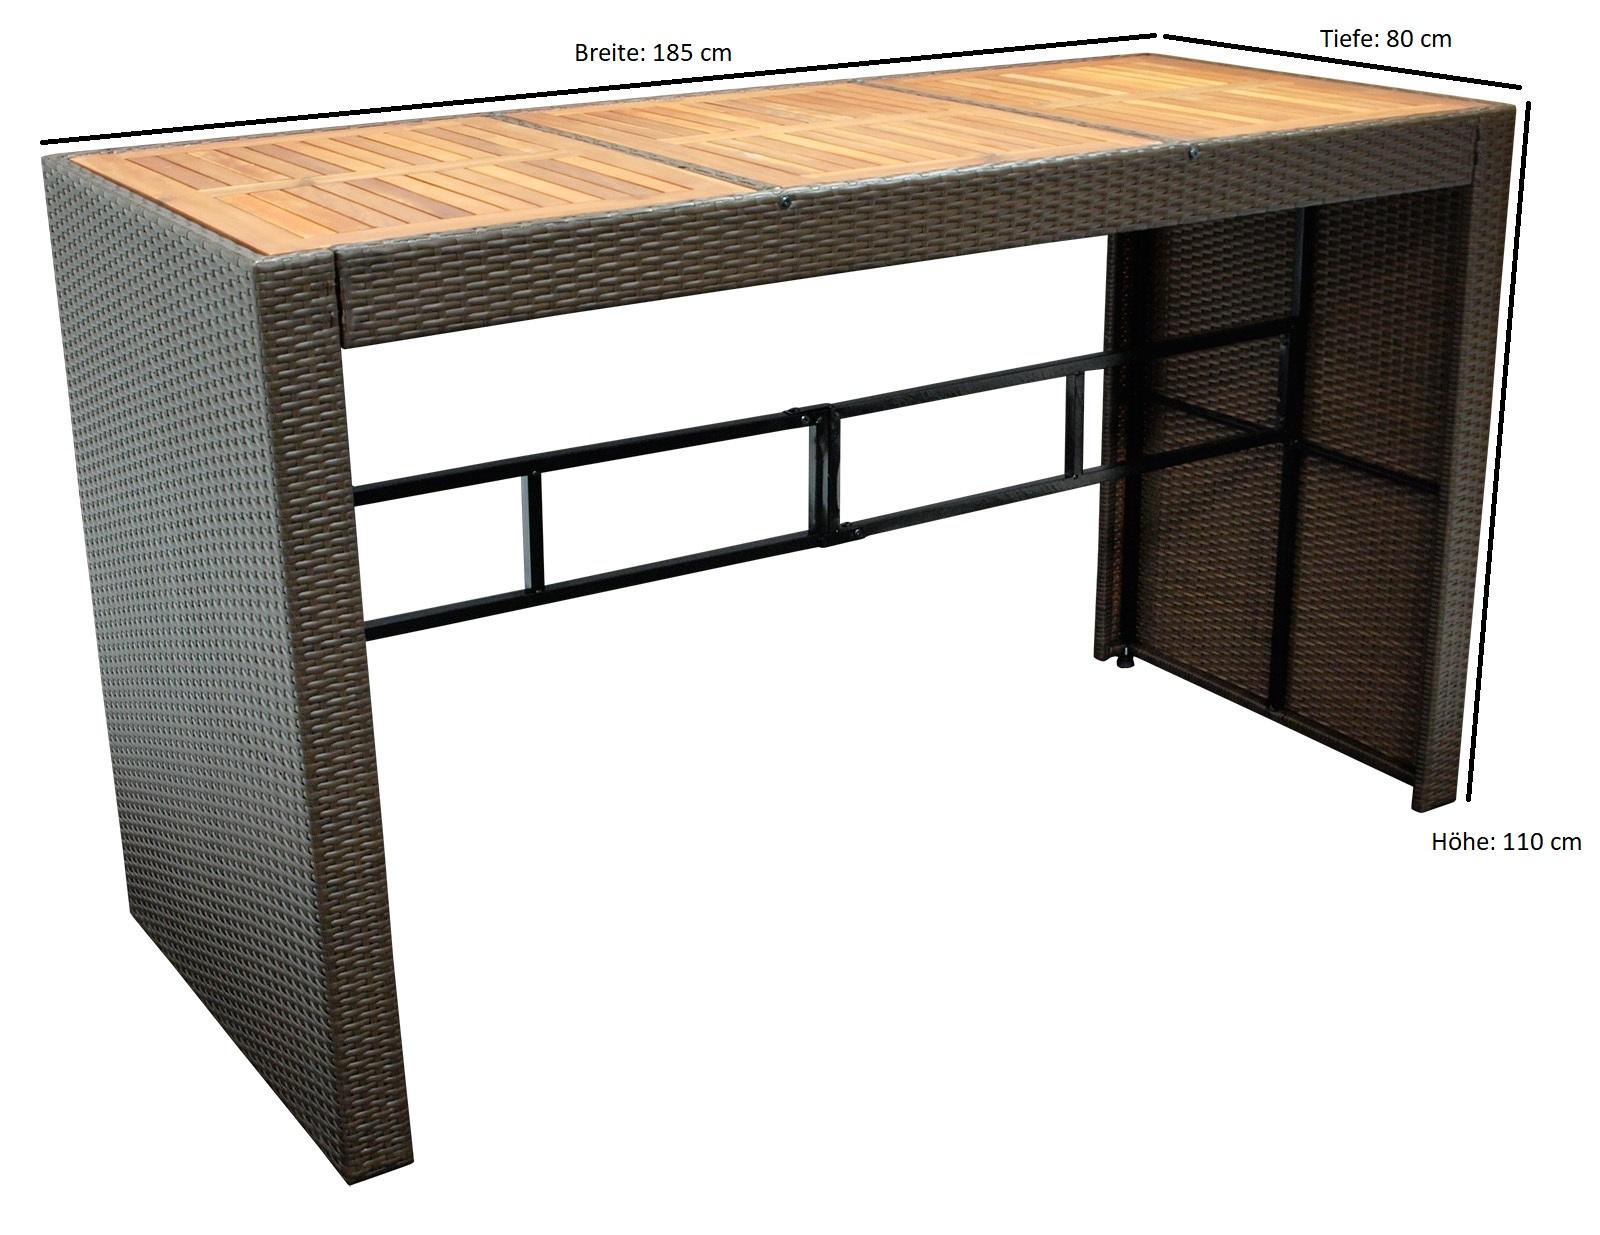 Bartisch CORTINA 185x80x110cm, Geflecht braun + Akazienholz, FSC®-zertifiziert